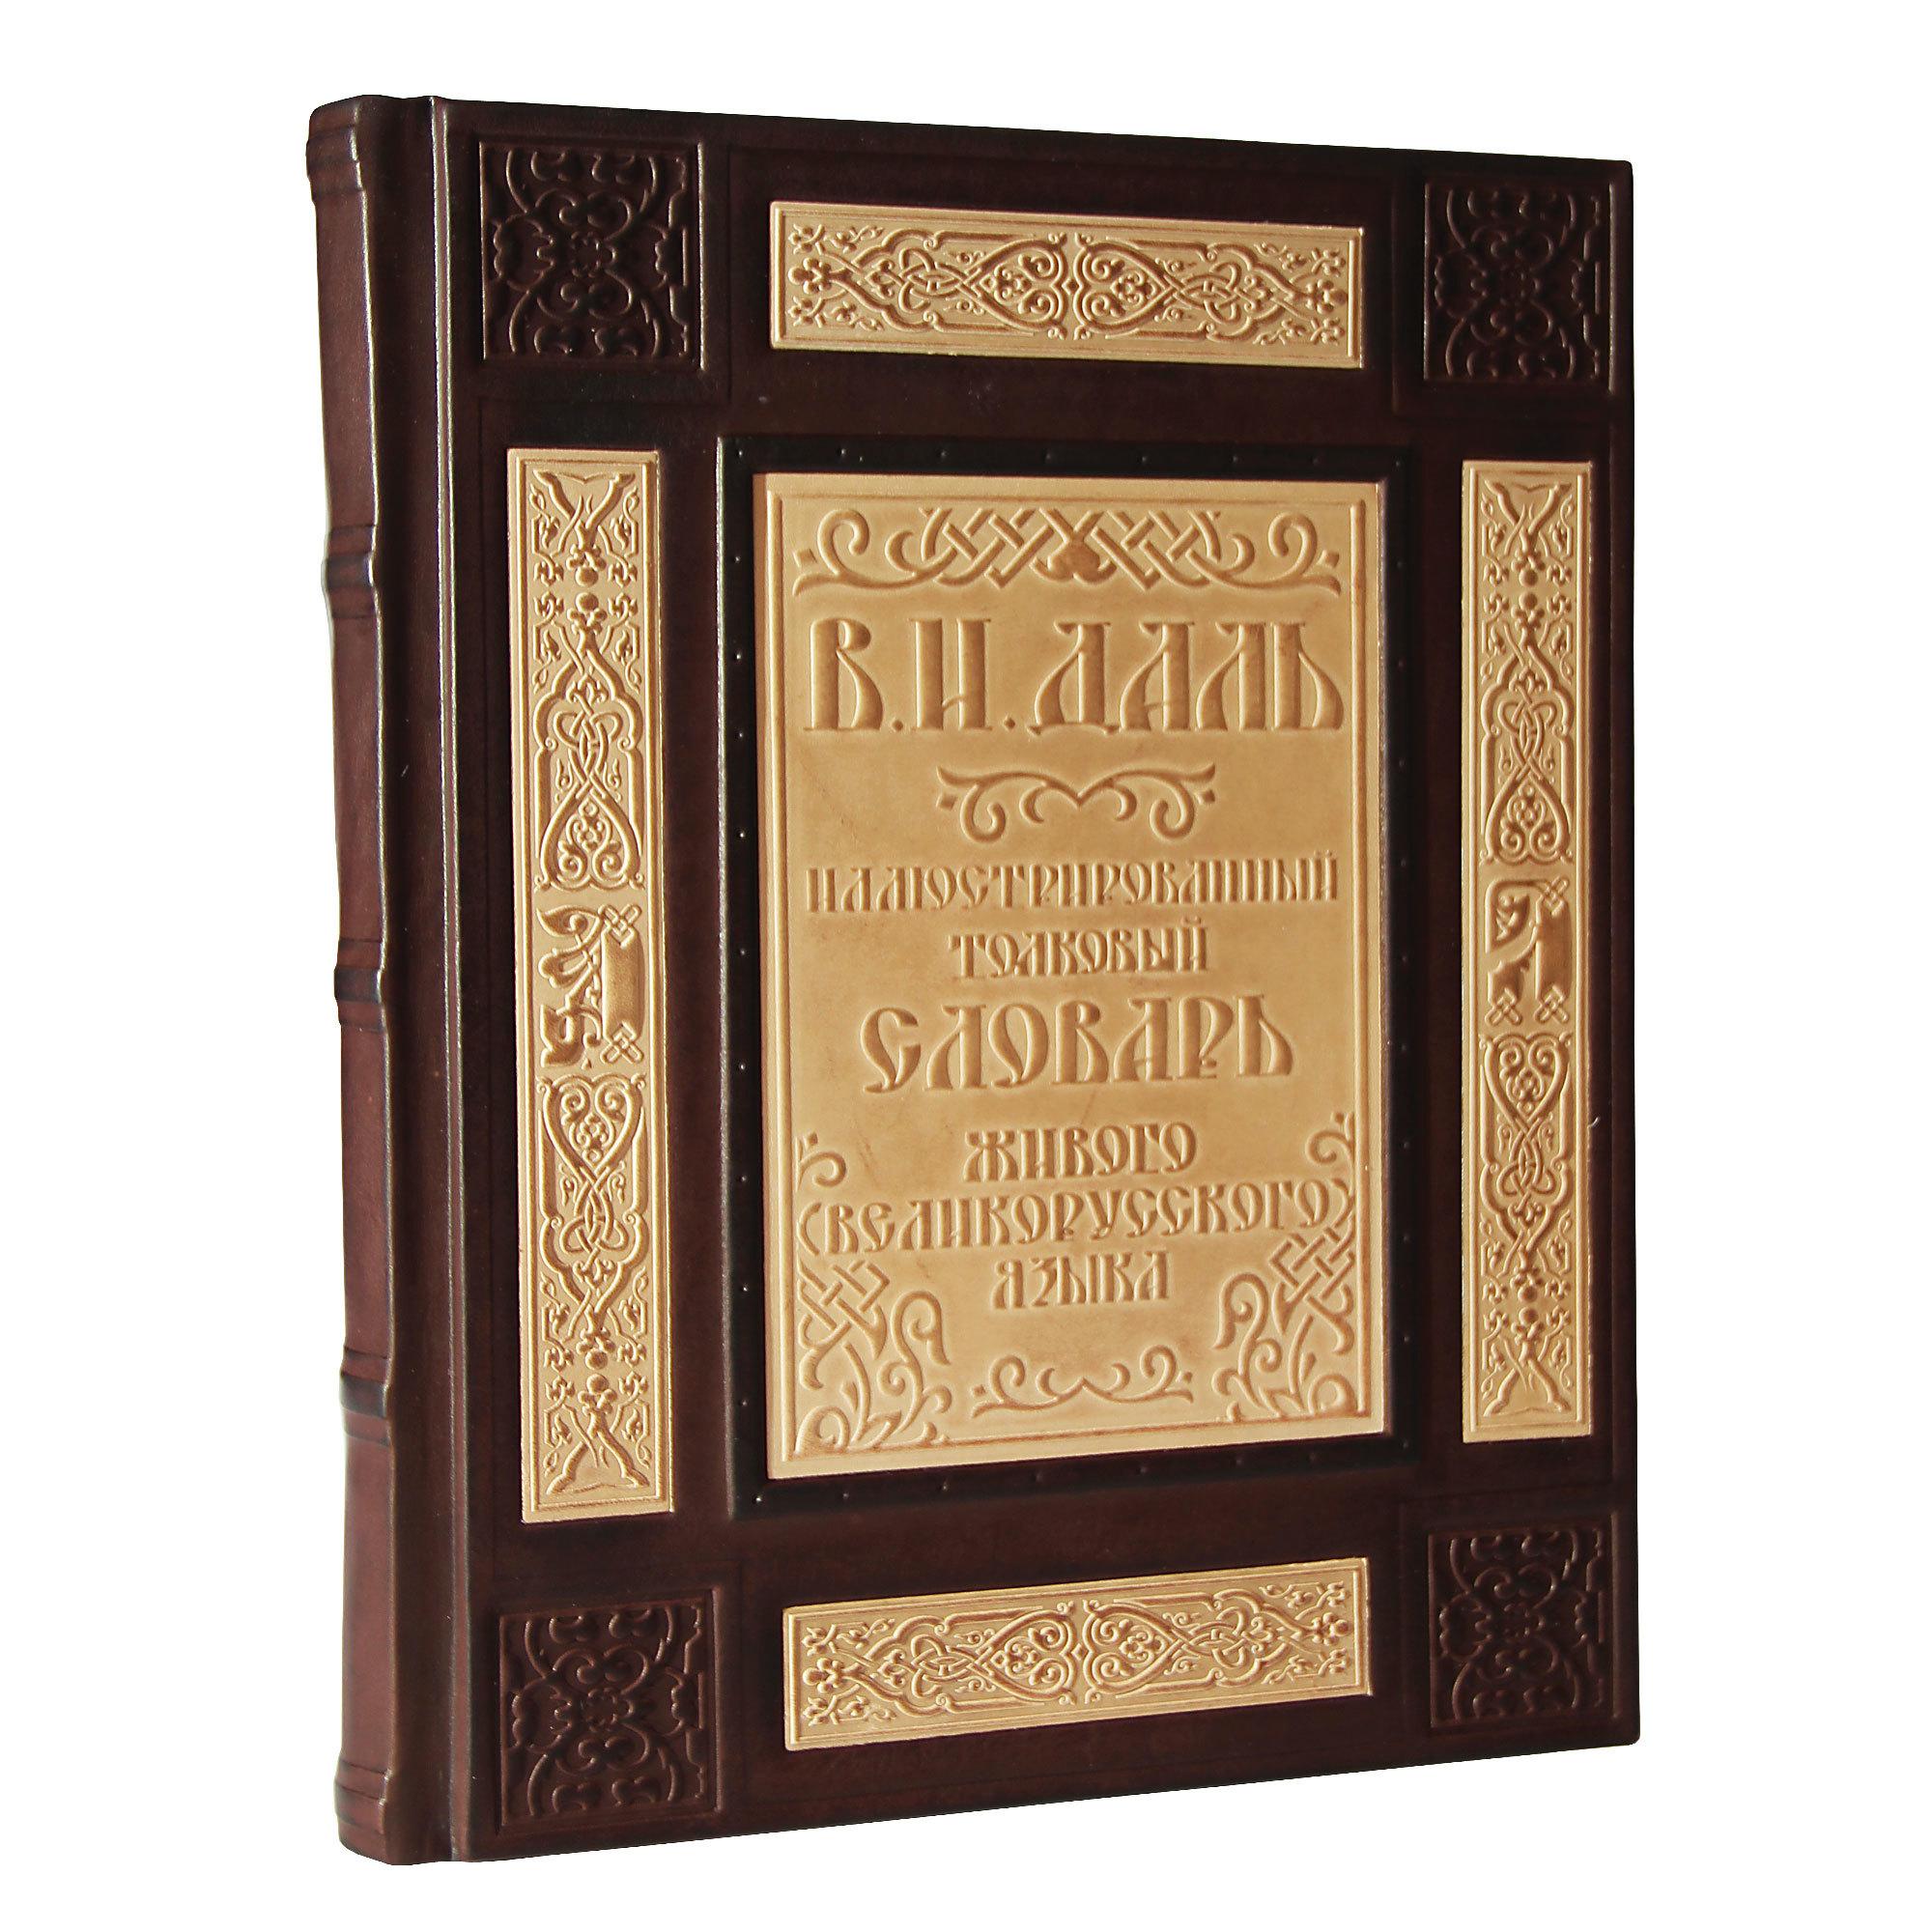 Иллюстрированный толковый словарь живого великорусского языка В.И. Даль